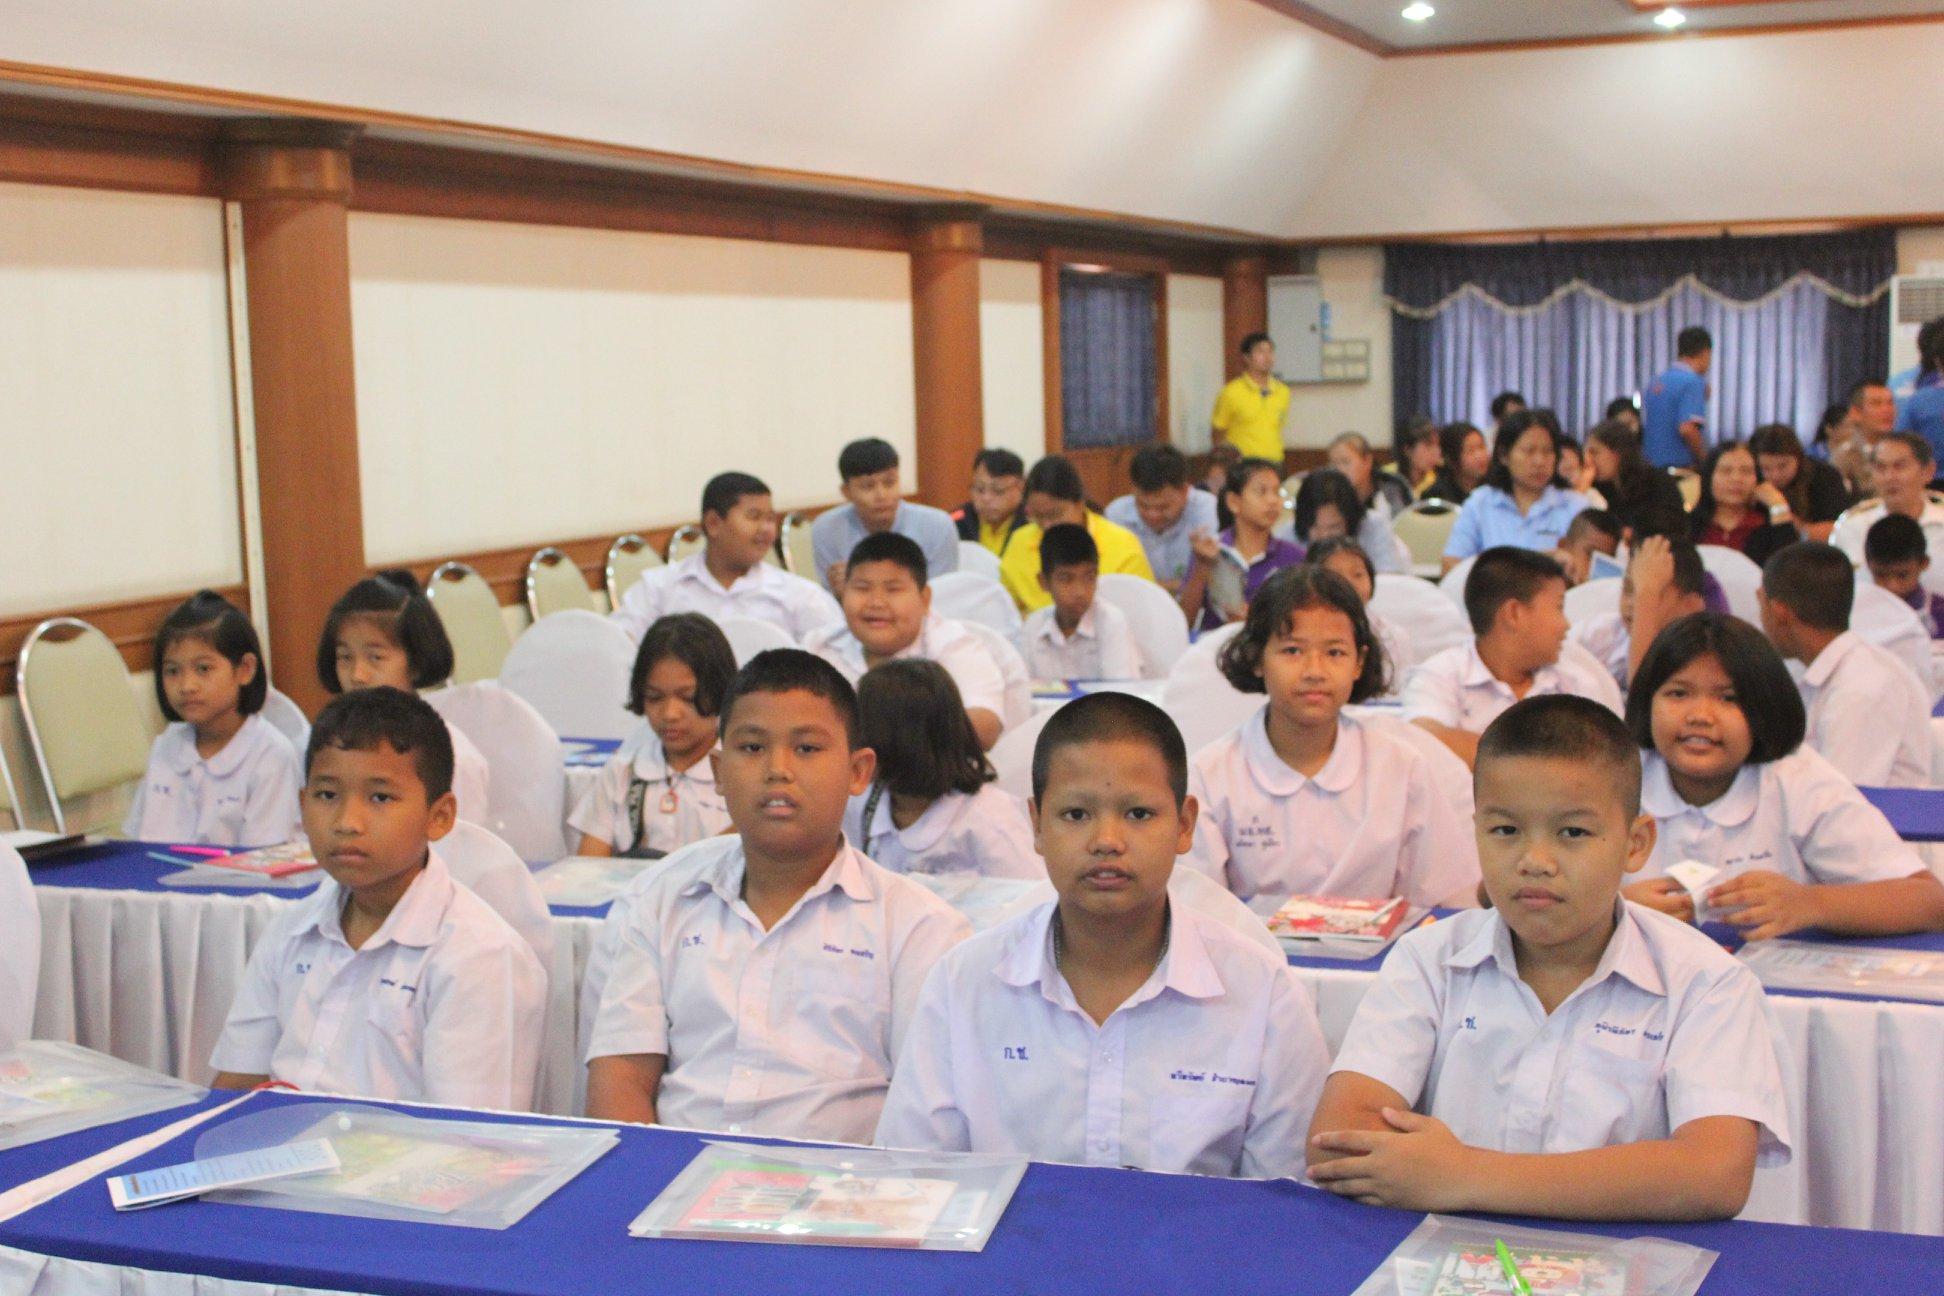 สิงห์บุรีรณรงค์ลด อุบัติเหตุหน้าโรงเรียน thaihealth